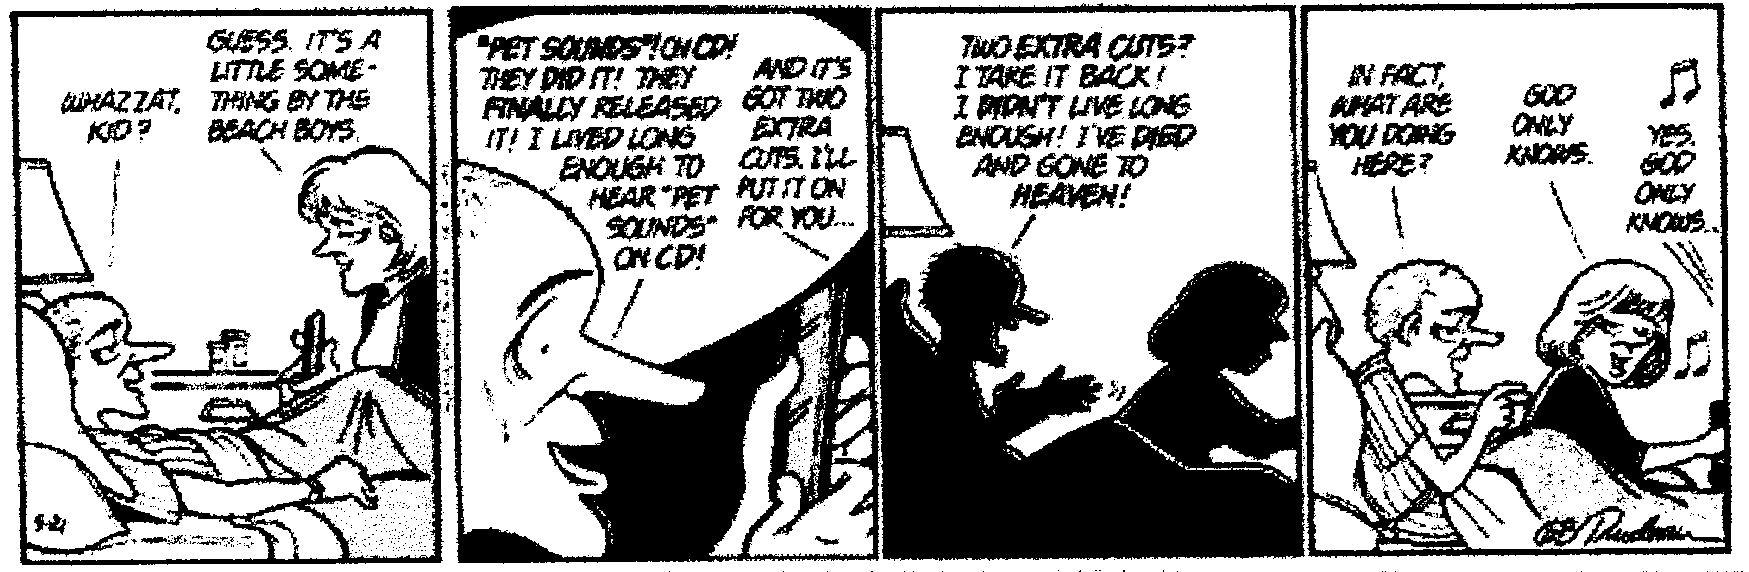 doonesbury-andy-may-1990-1